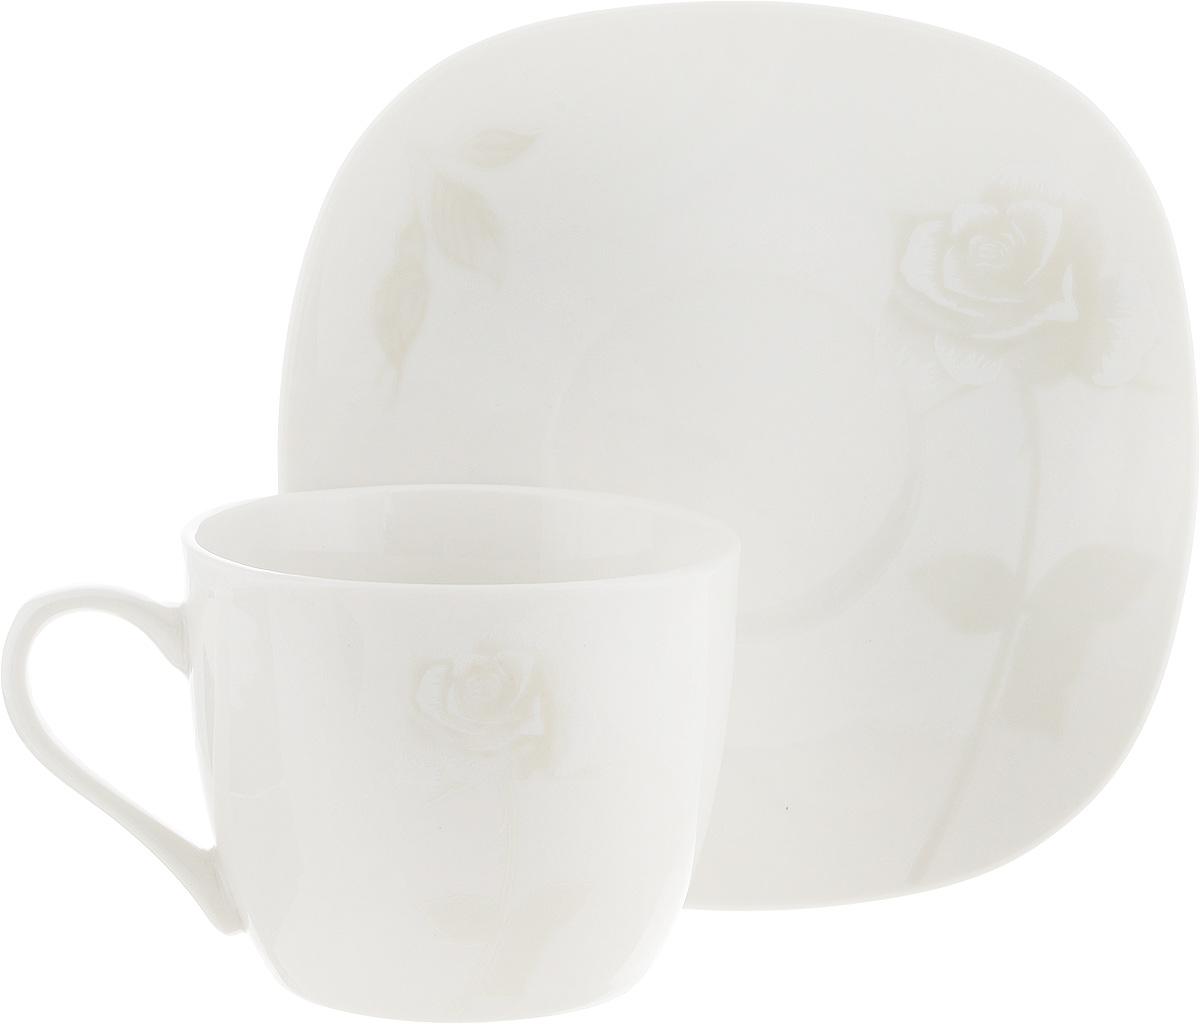 Чайная пара Жемчужная роза, цвет: молочный, 2 предмета216694Чайная пара Жемчужная роза состоит из чашки и блюдца, изготовленных из высококачественной керамики. Красочность оформления придется по вкусу ценителям утонченности и изысканности. Диаметр чашки по верхнему краю:8 см. Высота чашки: 7 см. Объем чашки: 220 мл. Размер блюдца: 15 см х 15 см.